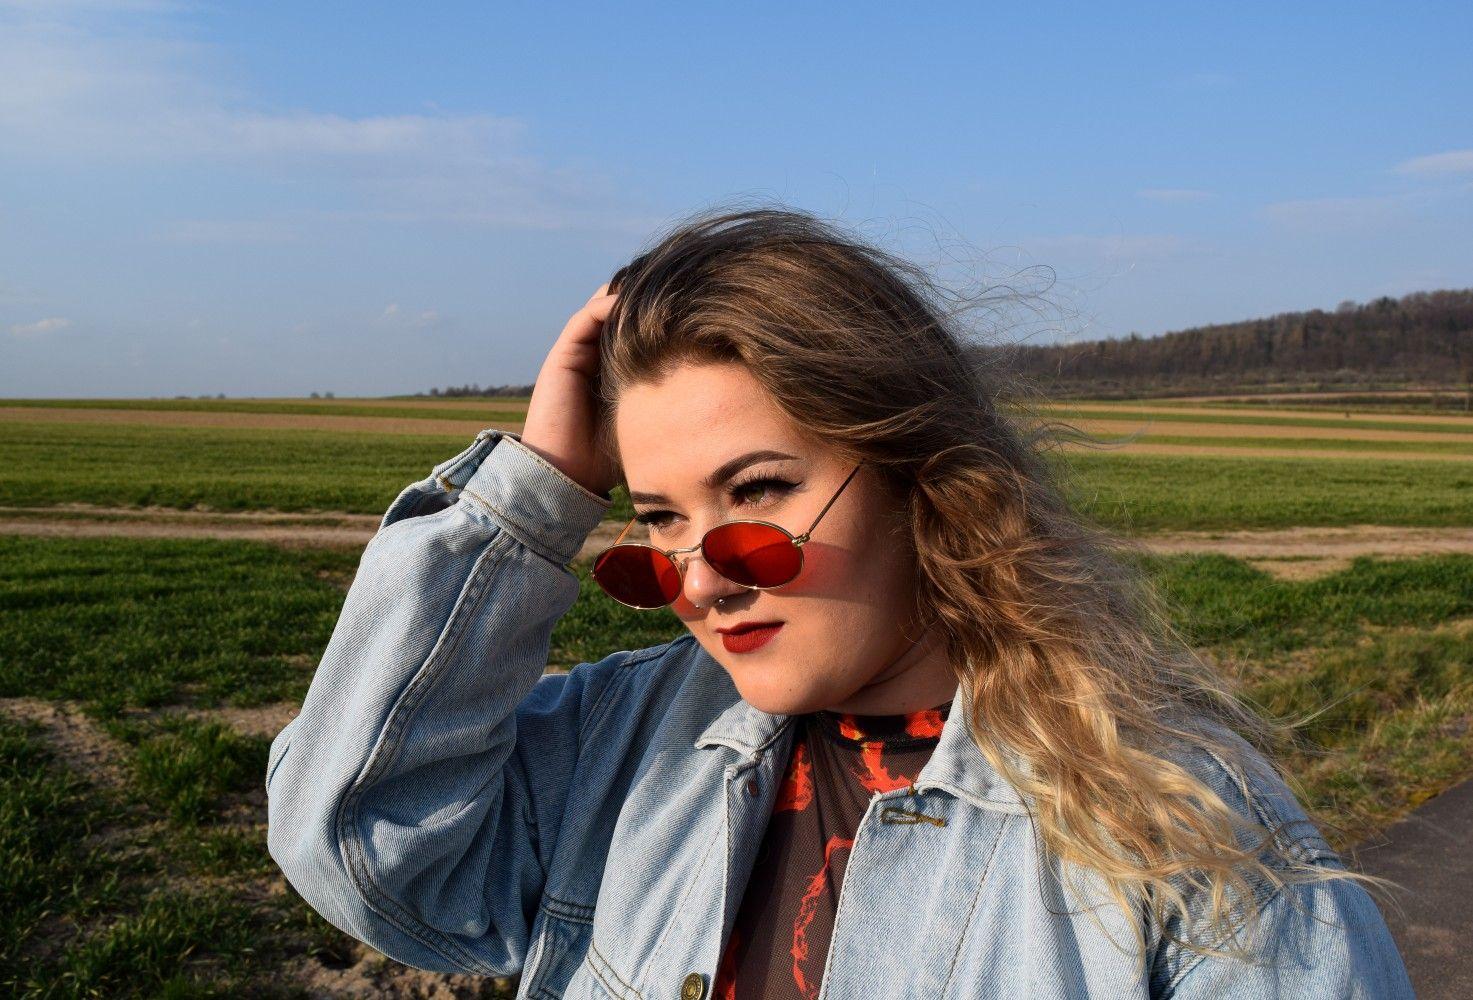 #sunnyday #polishgirl #redlips #photography #session #blond